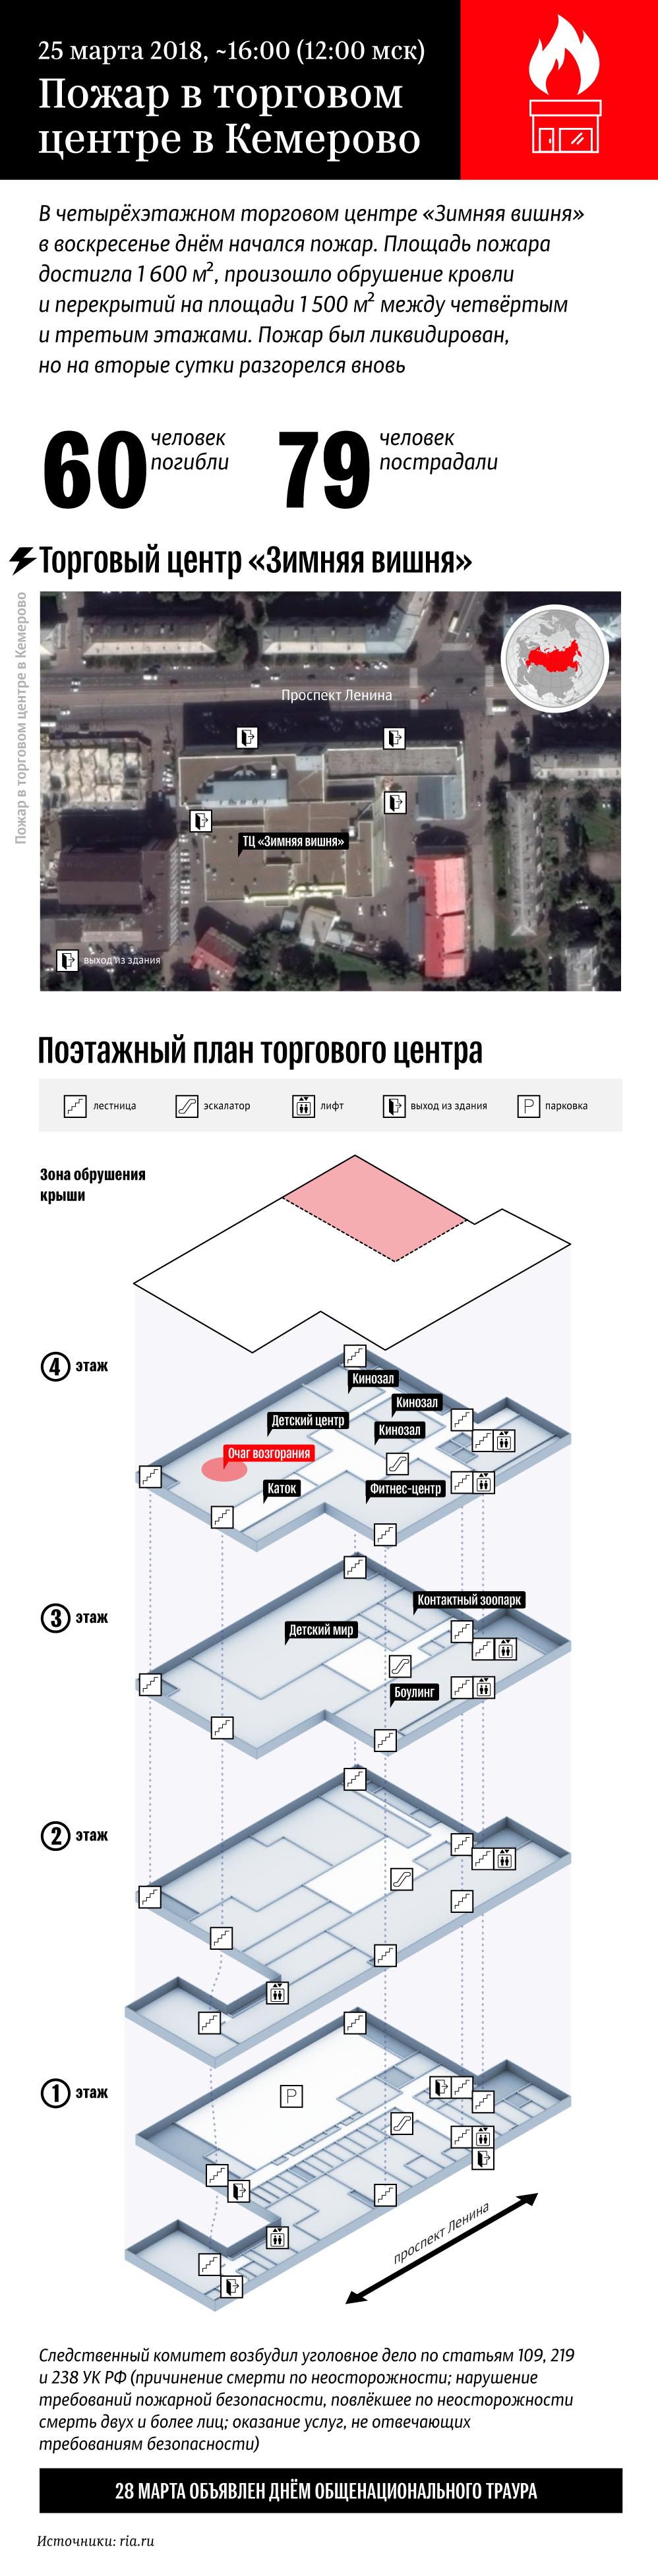 Пожар в торговом центре в Кемерово